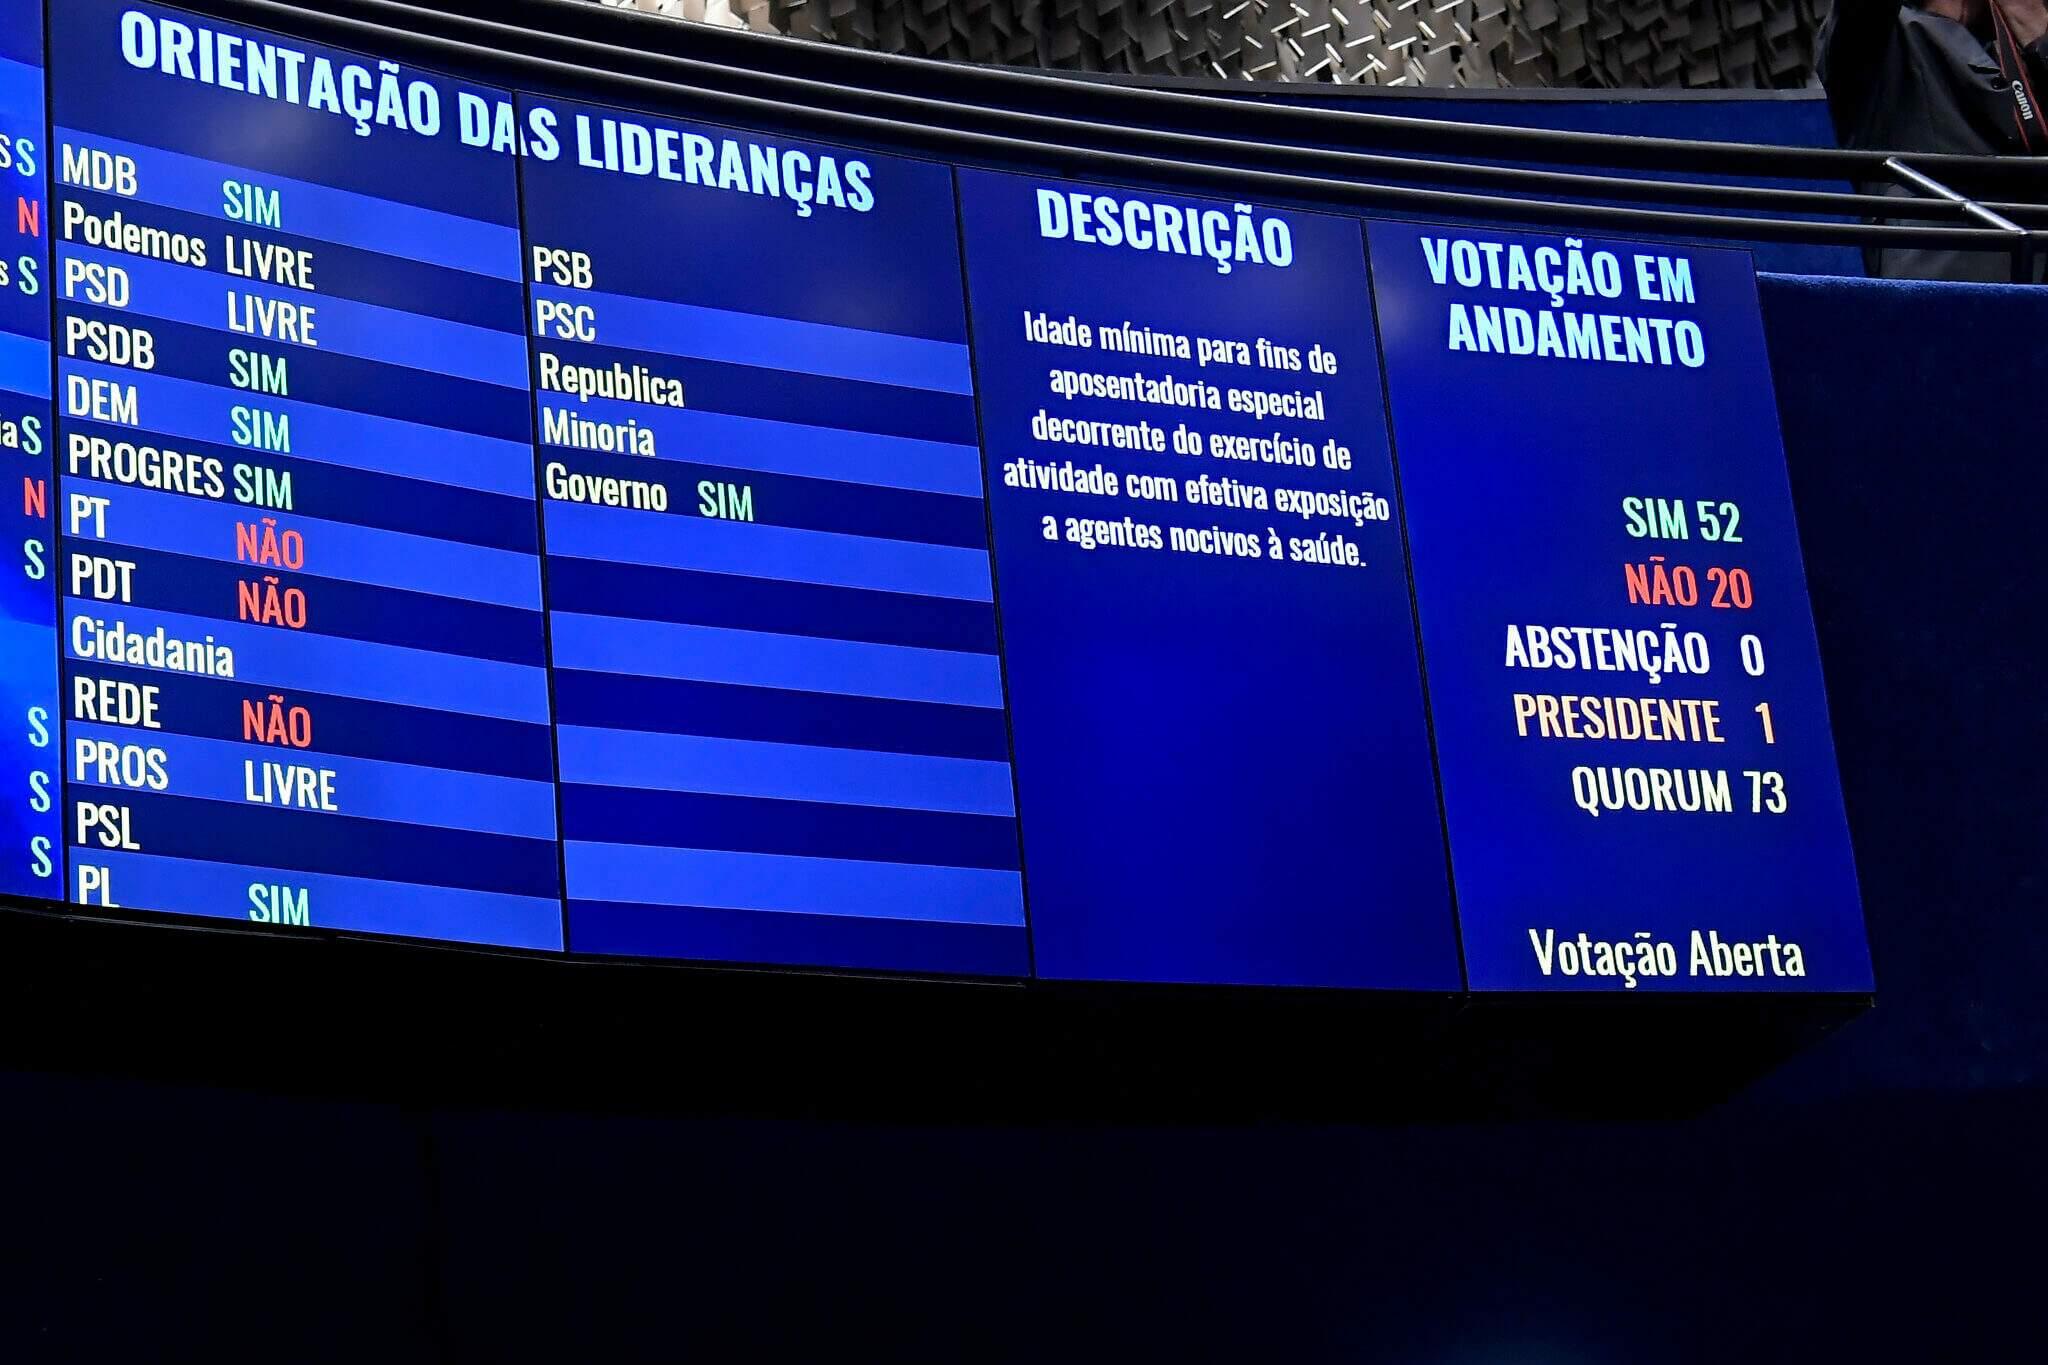 Painel eletrônico na Camara dos Deputados mostra a orientação das lideranças partidárias durante votada da PEC da Reforma da Previdência. Conteúdo refere a disciplina partidária.